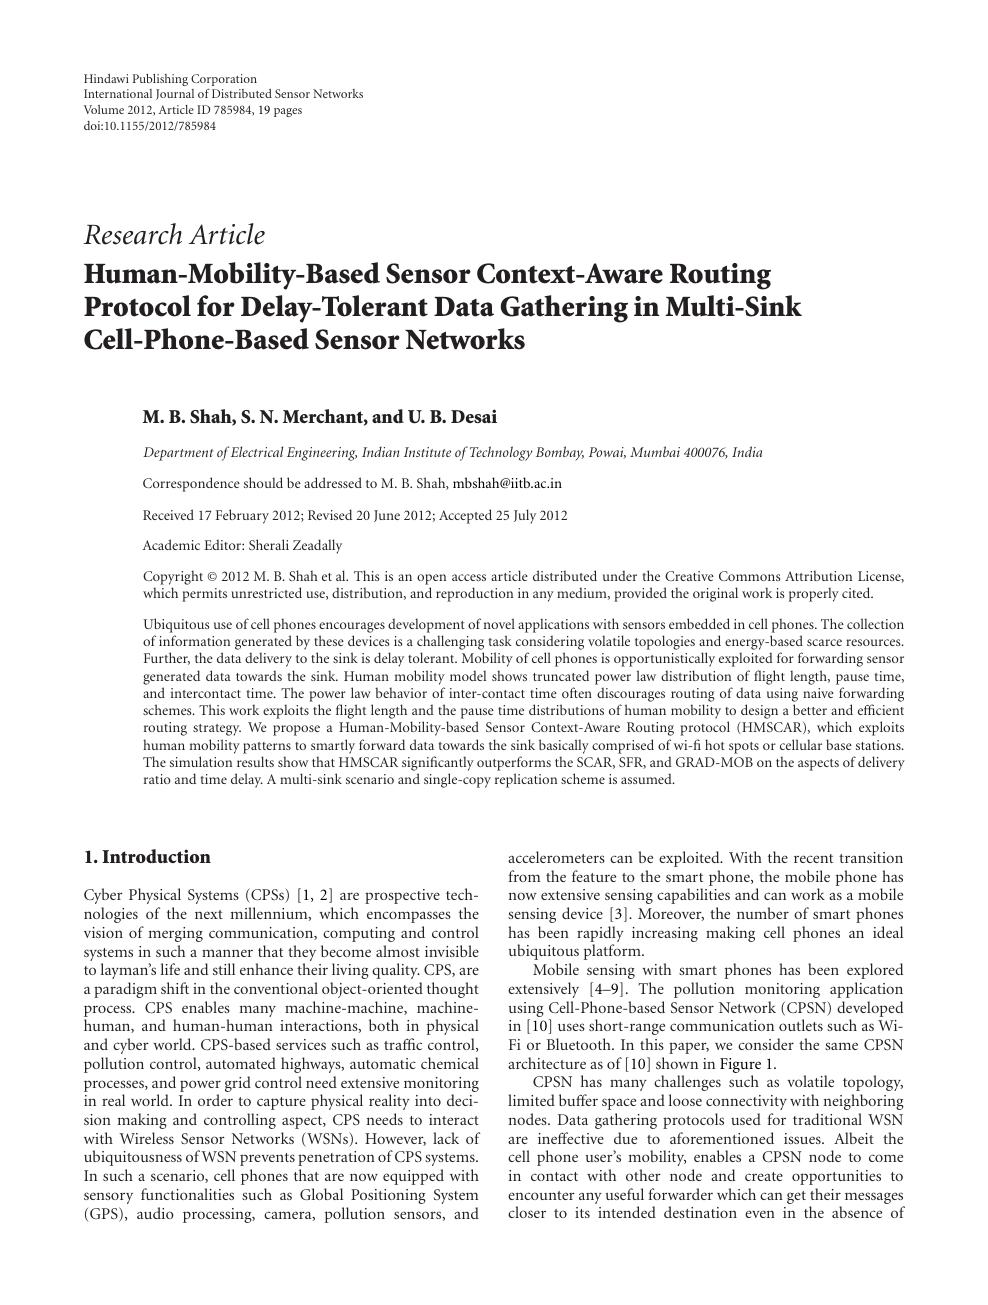 Human-Mobility-Based Sensor Context-Aware Routing Protocol